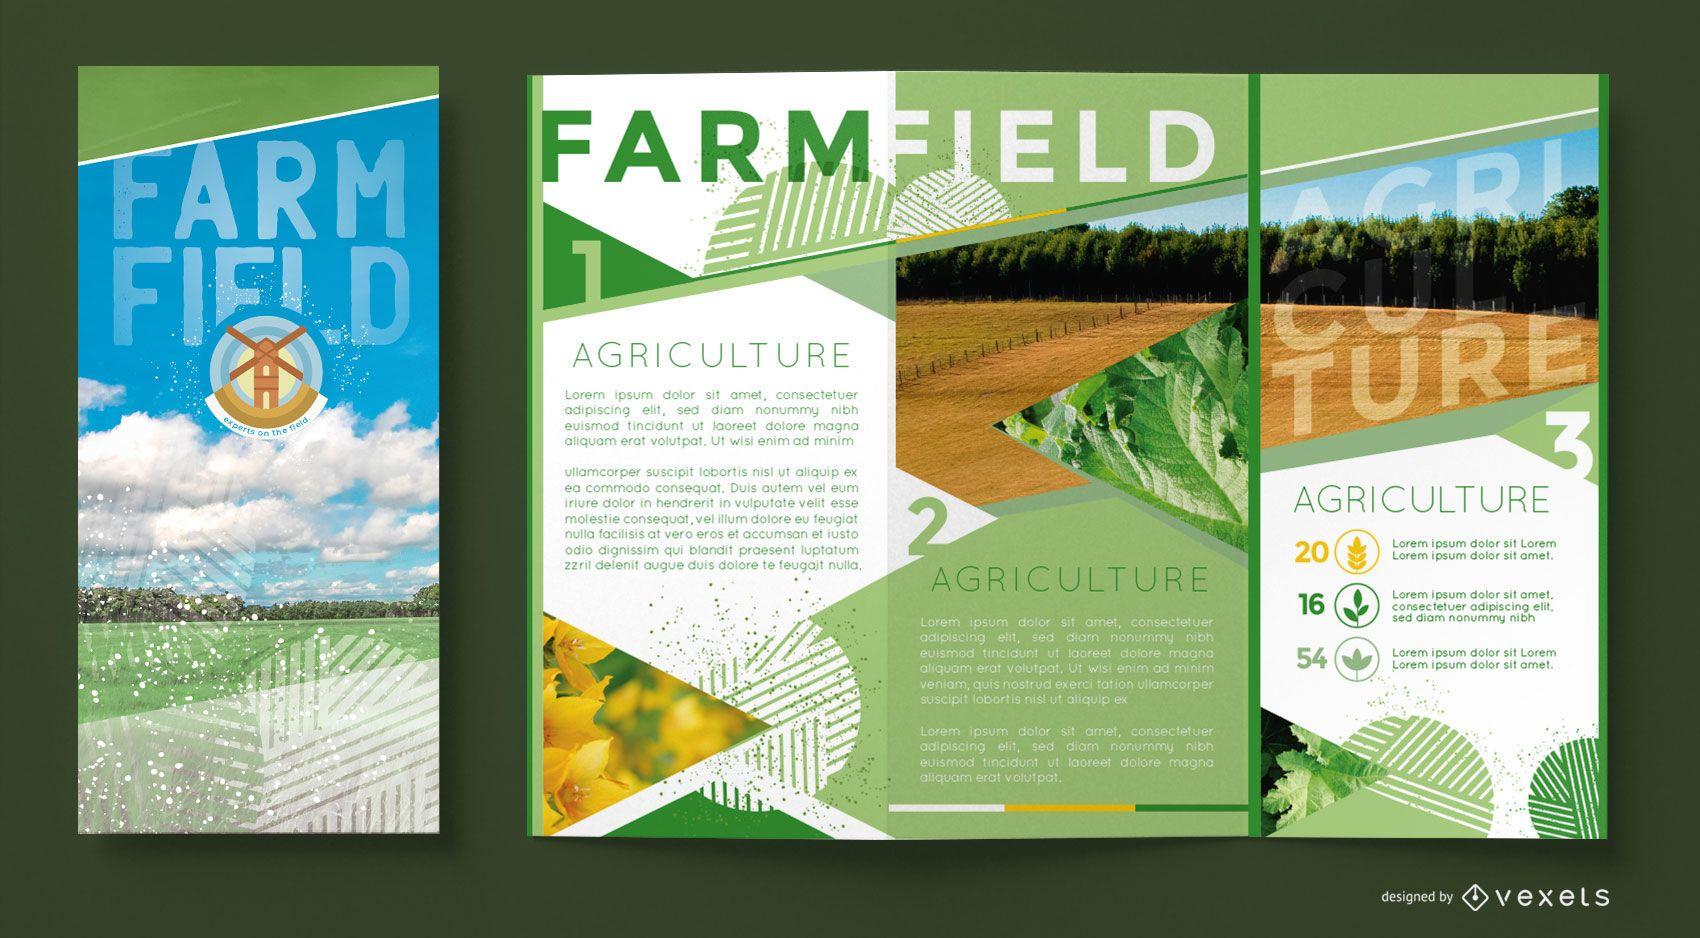 Farm field brochure template